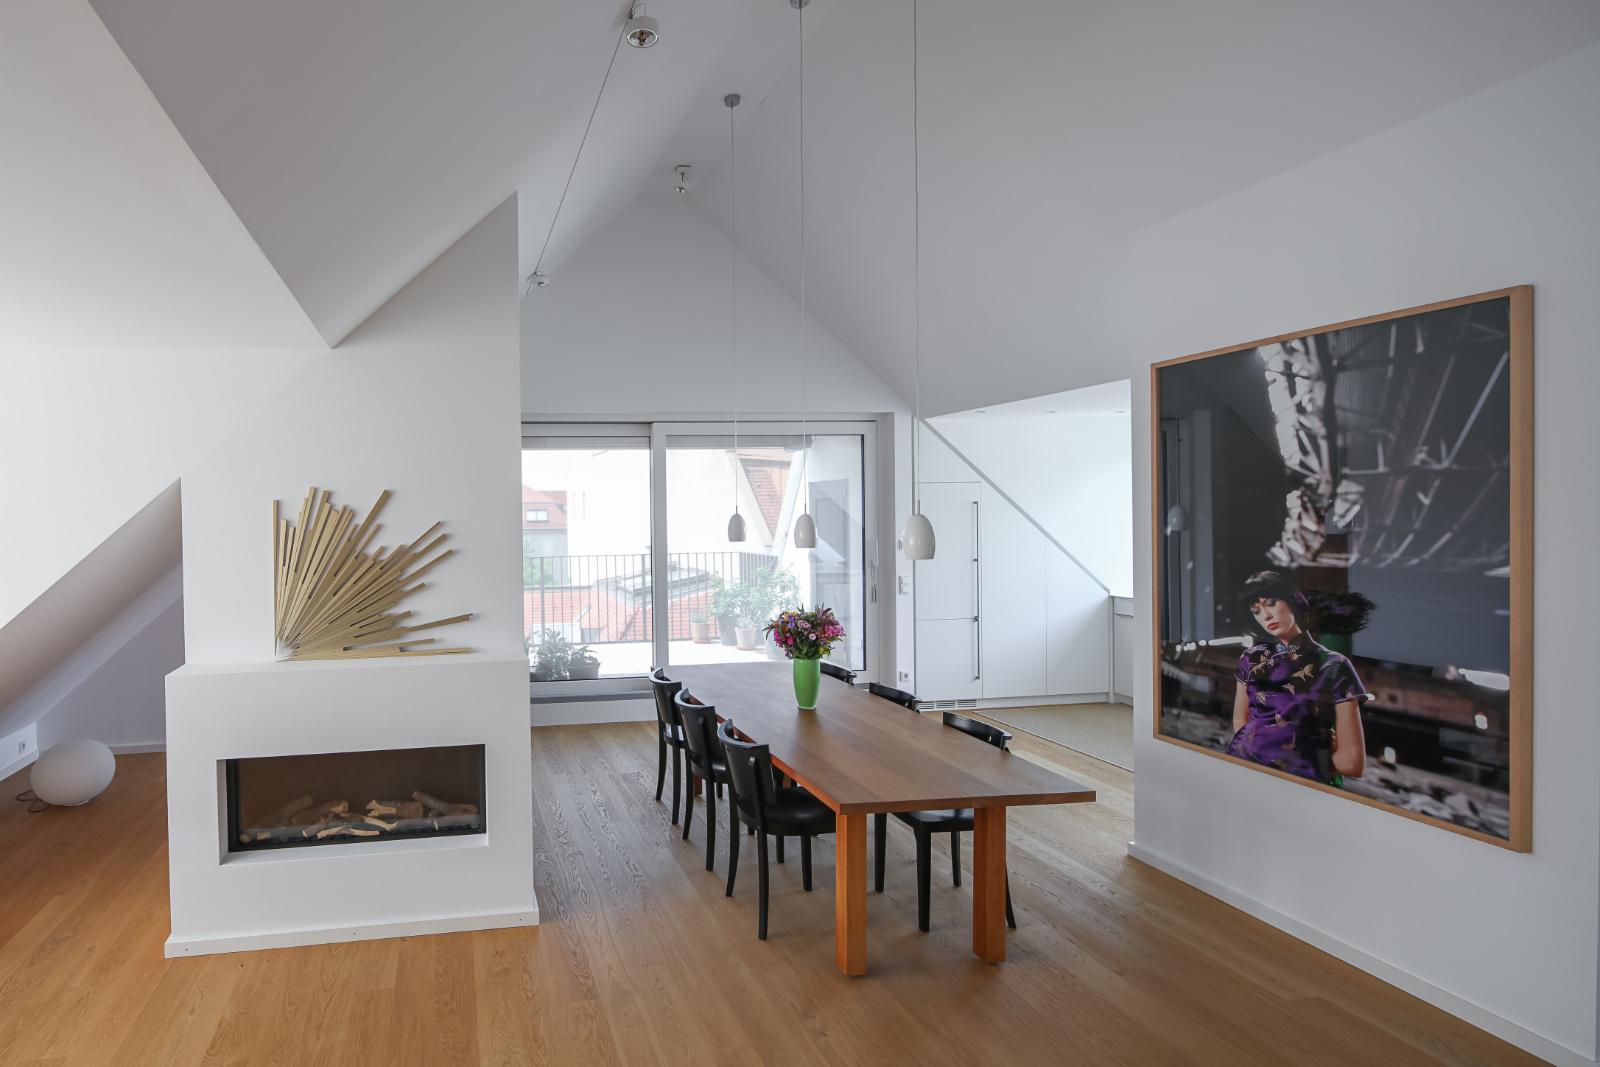 Umbau-Dachgeschossausbau-Muenchen-Schwabing-Essbereich-03-Friedrich-Poerschke-Zwink-Architekten-Muenchen-2012-Foto-Michael-Heinrich